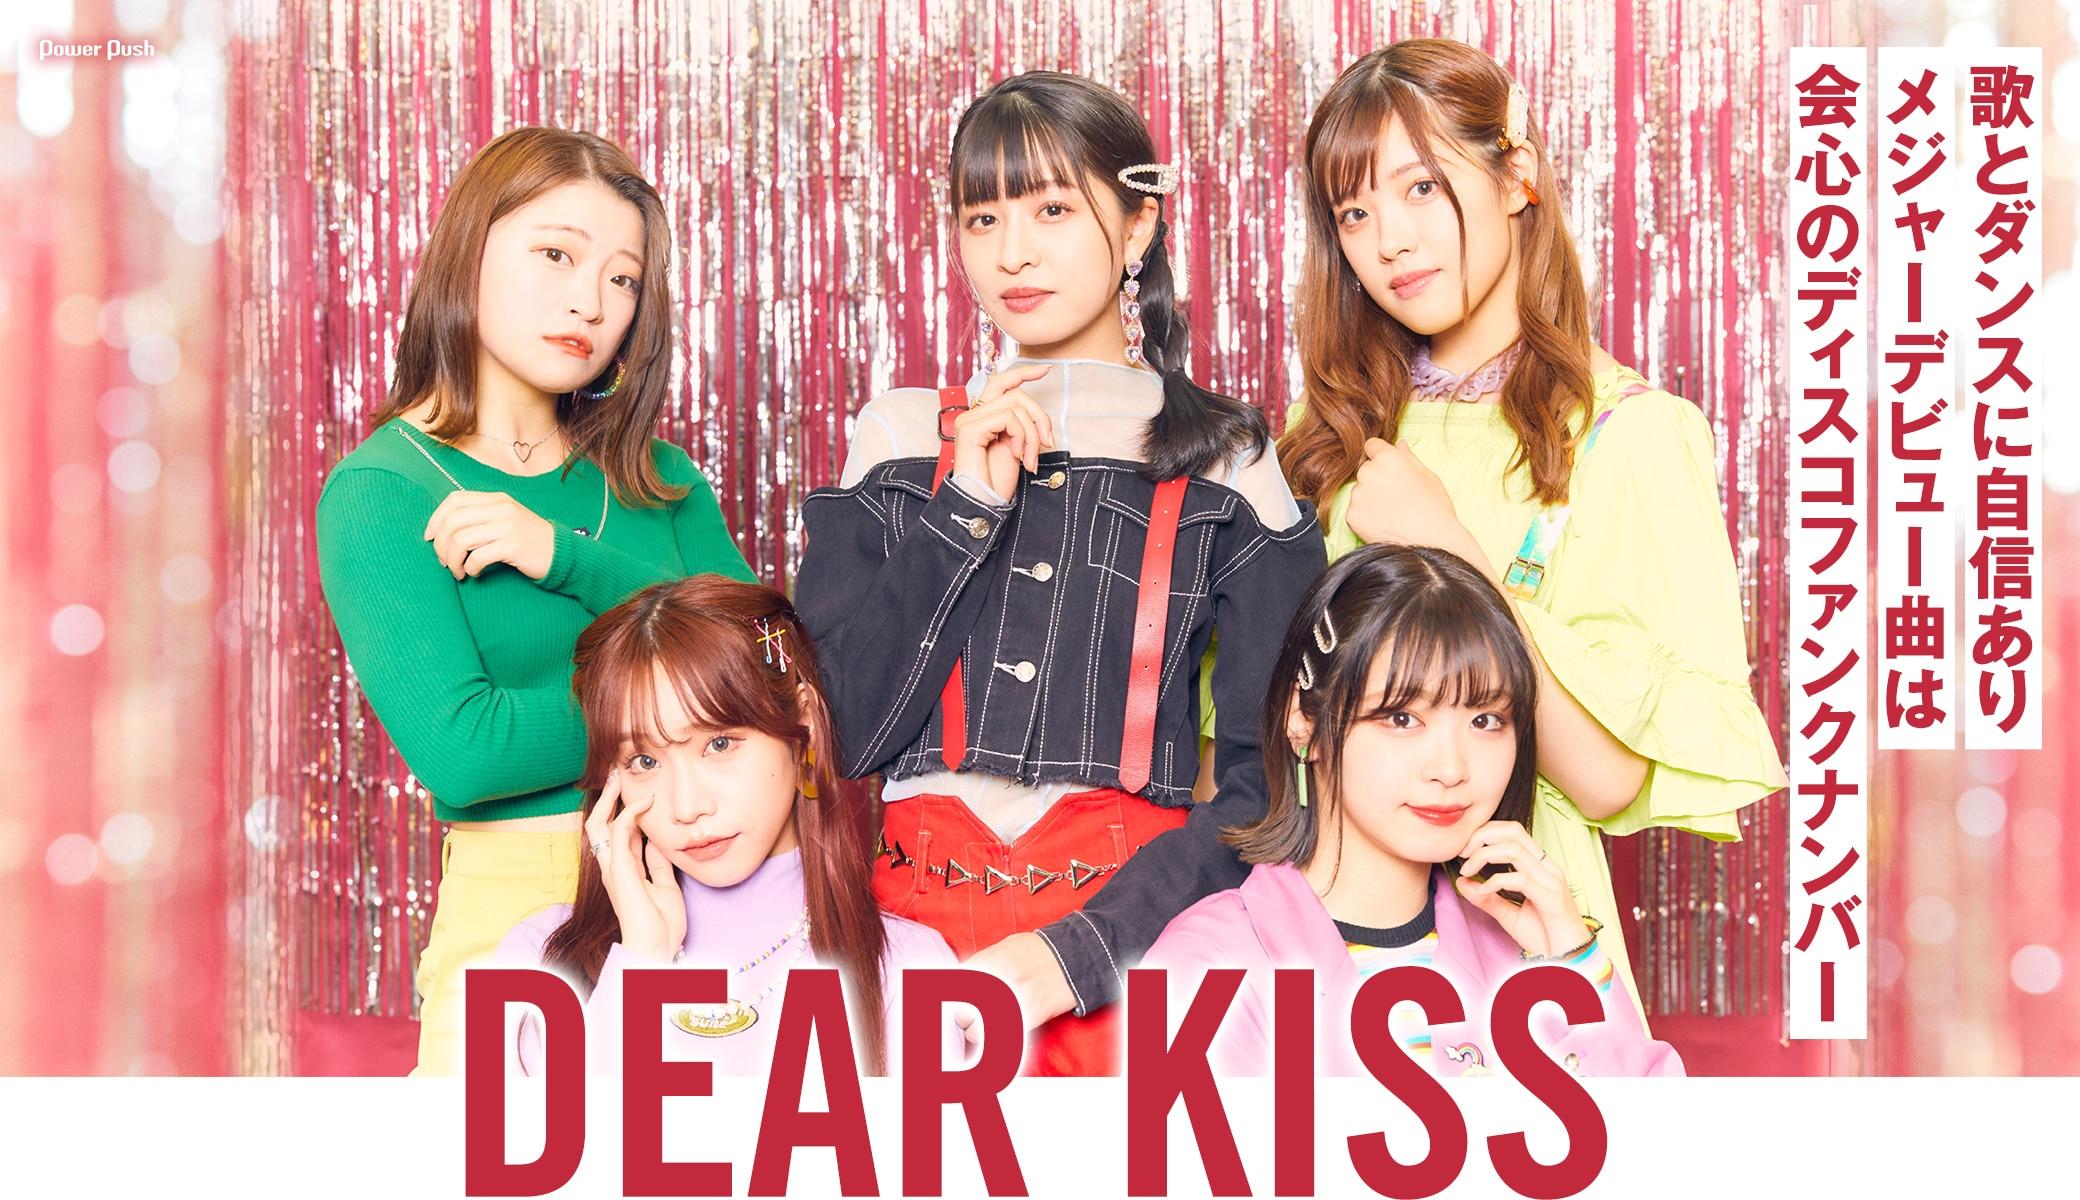 DEAR KISS|歌とダンスに自信あり メジャーデビュー曲は会心のディスコファンクナンバー